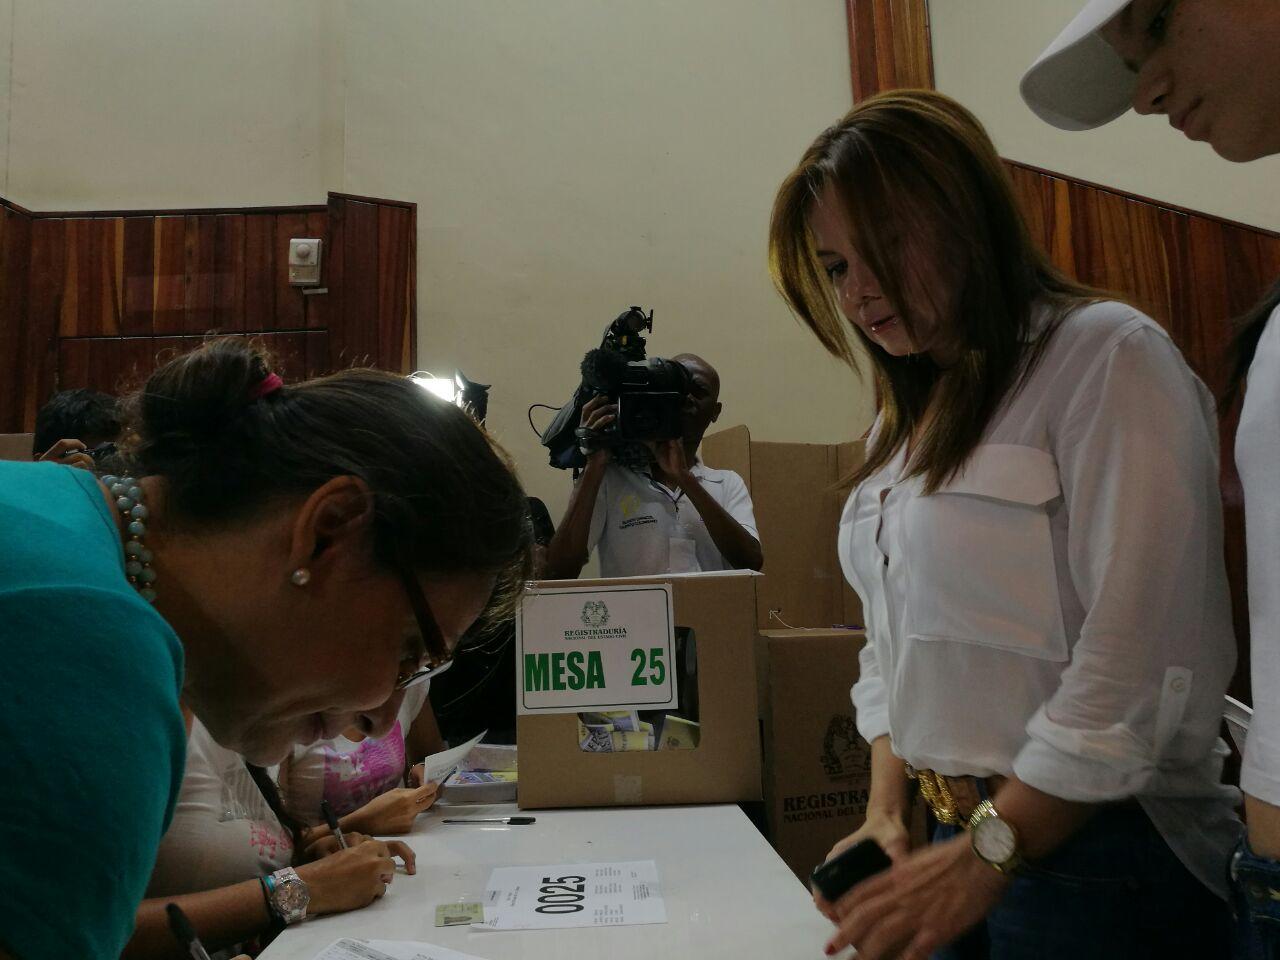 Víctimas de la guerra votan en la jornada electoral del plebiscito por la paz